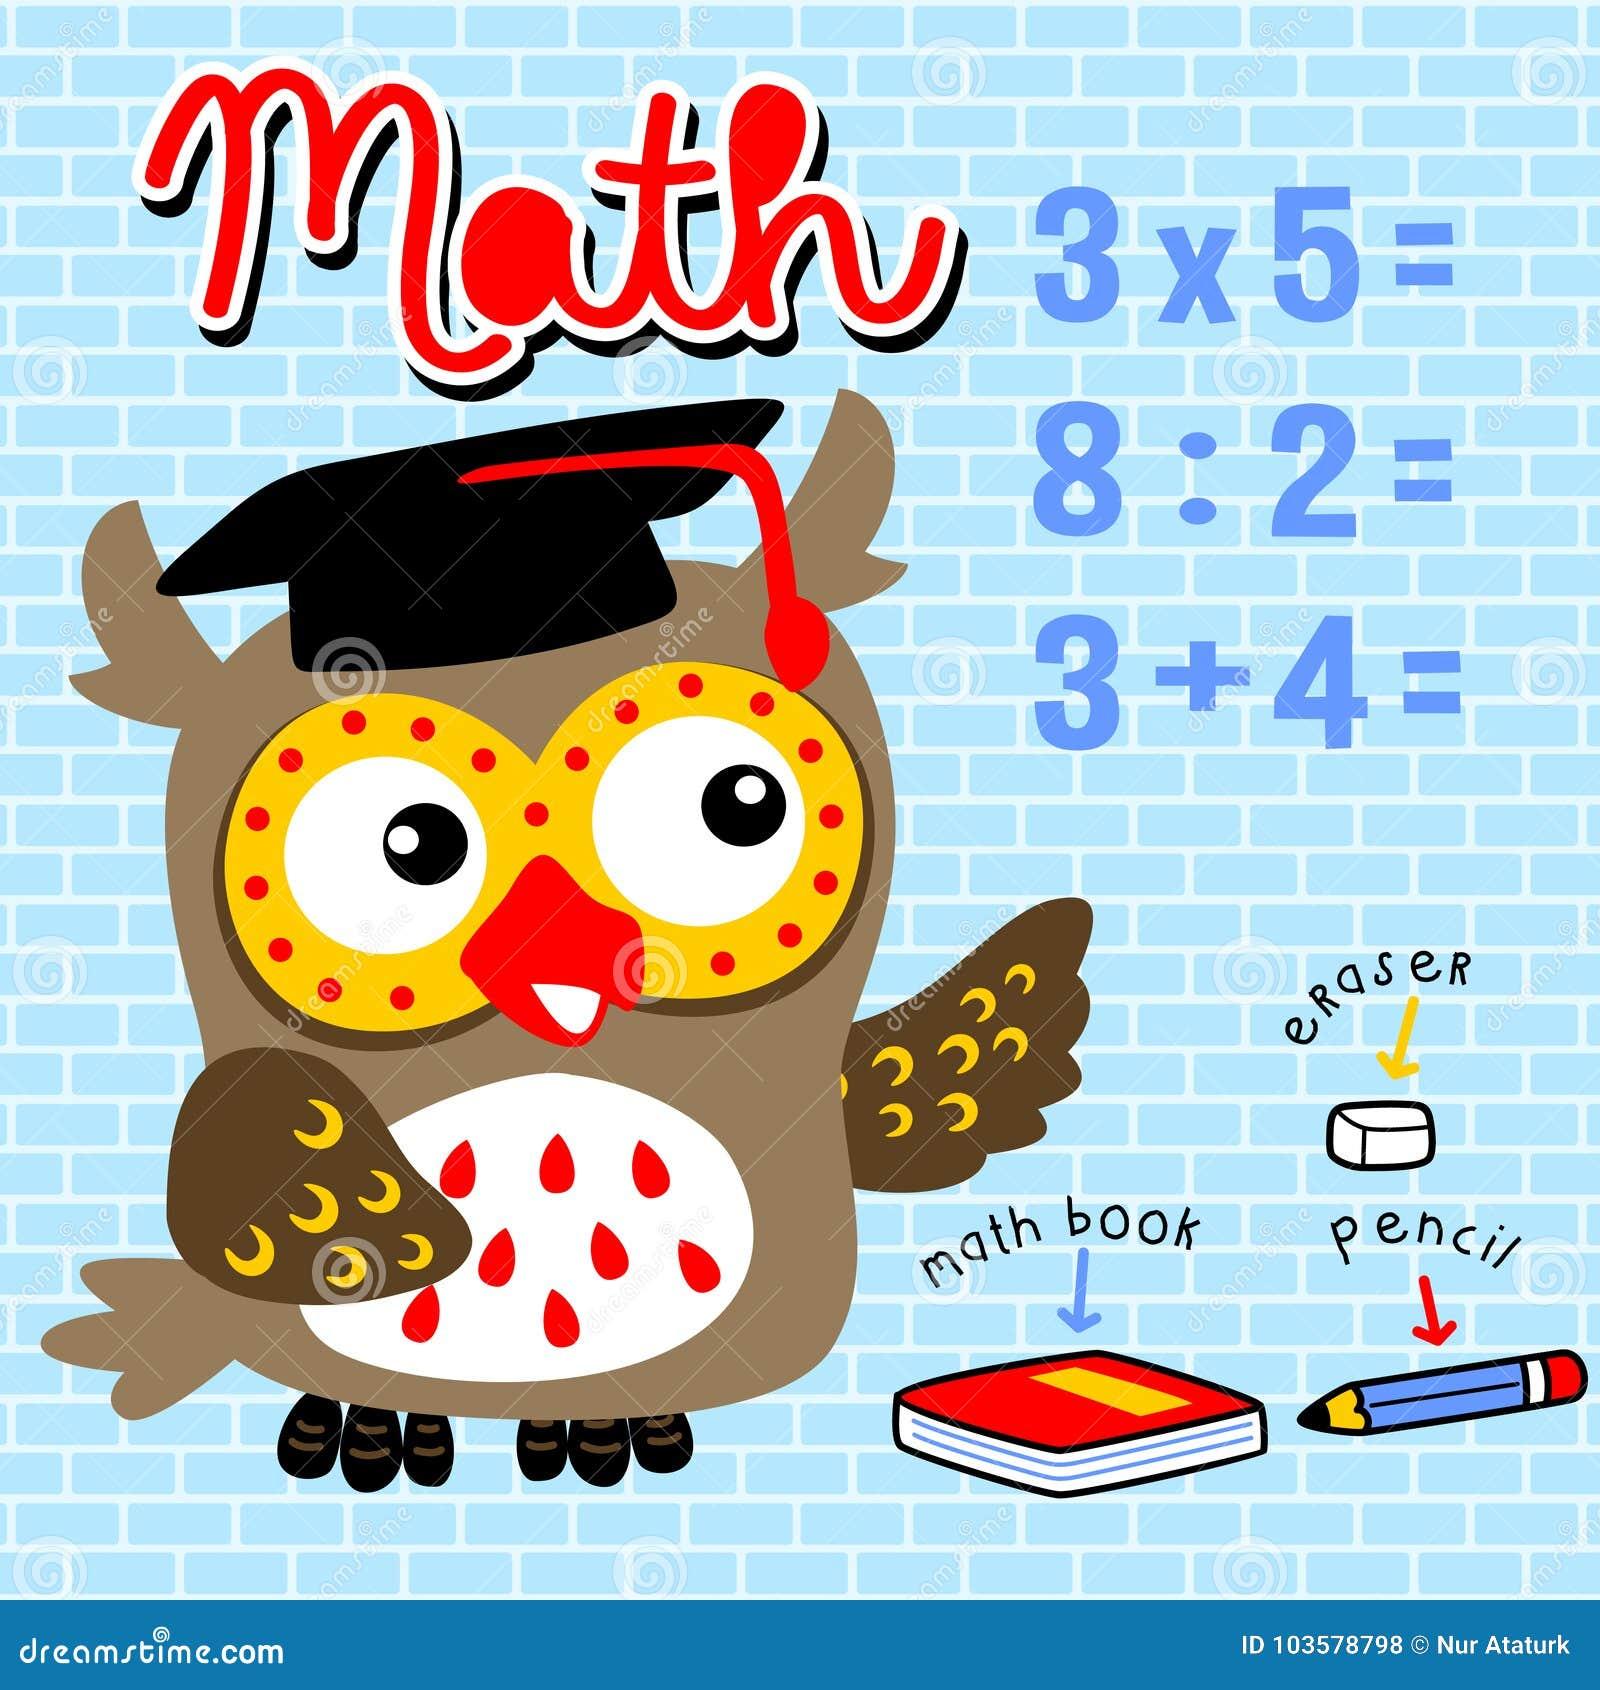 7a31aa3708 Uma coruja engraçada na matemática de ensino da sala de classe, ilustração  dos desenhos animados do vetor, nenhuma malha, vetor em EPS 10